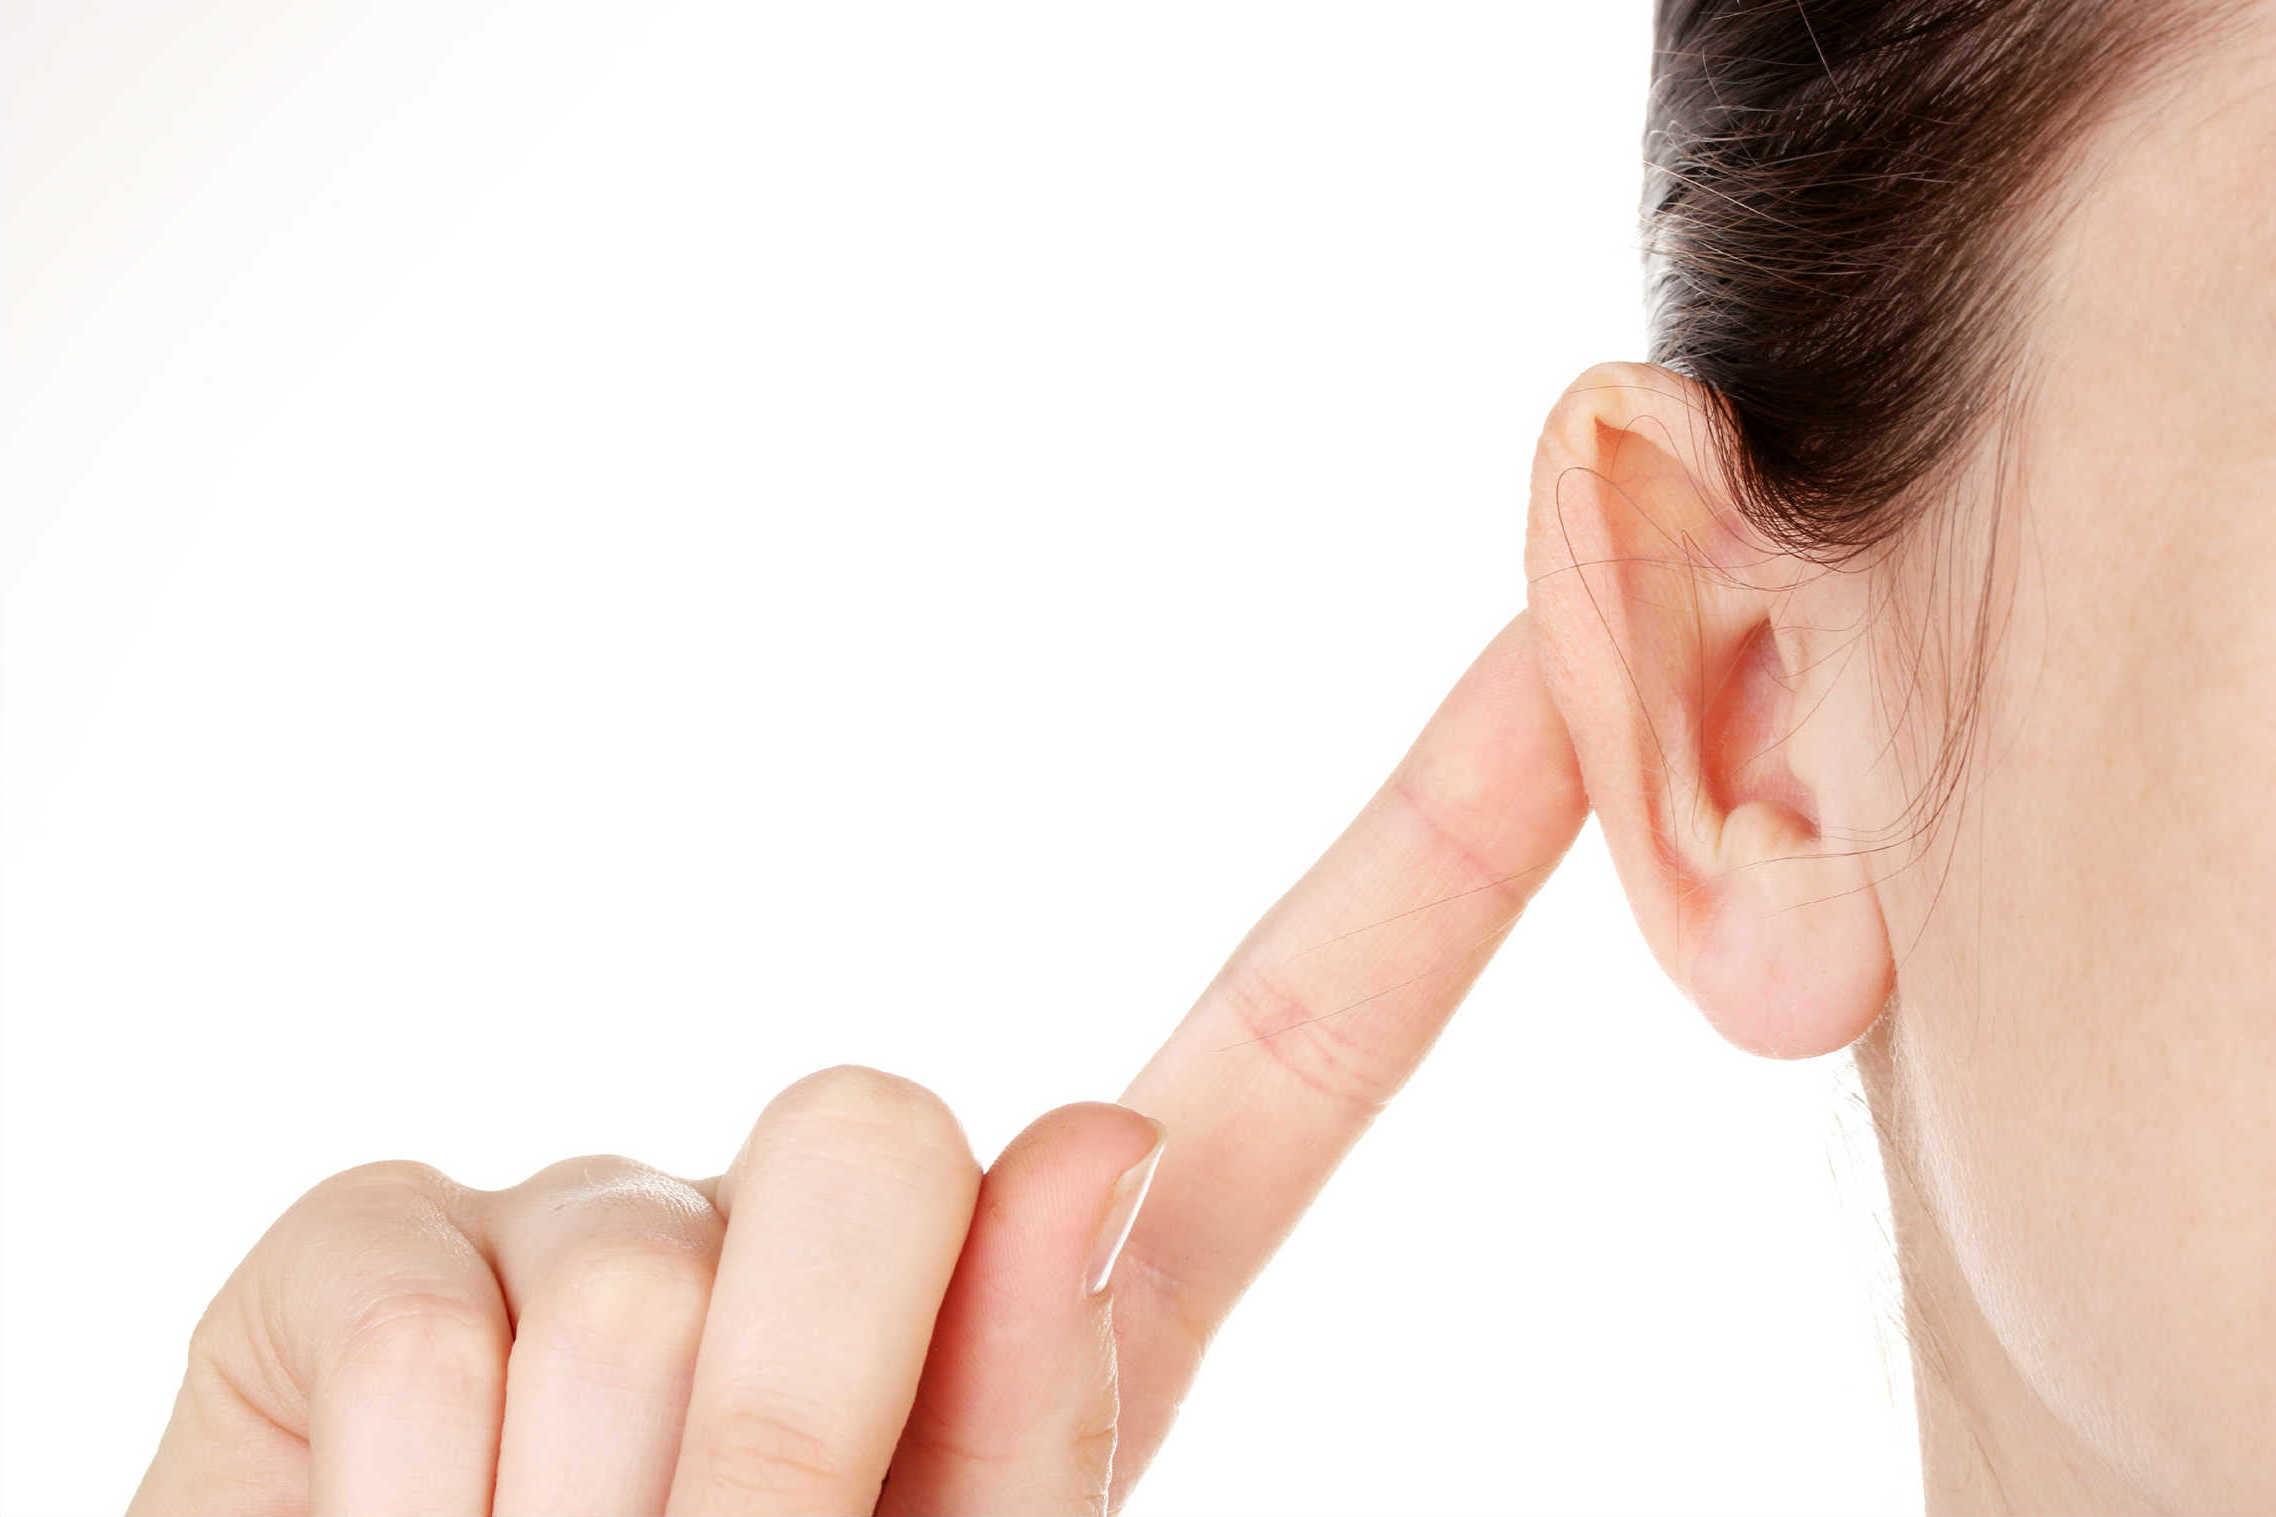 Zumbido: Maneiras de Reduzir a Irritação